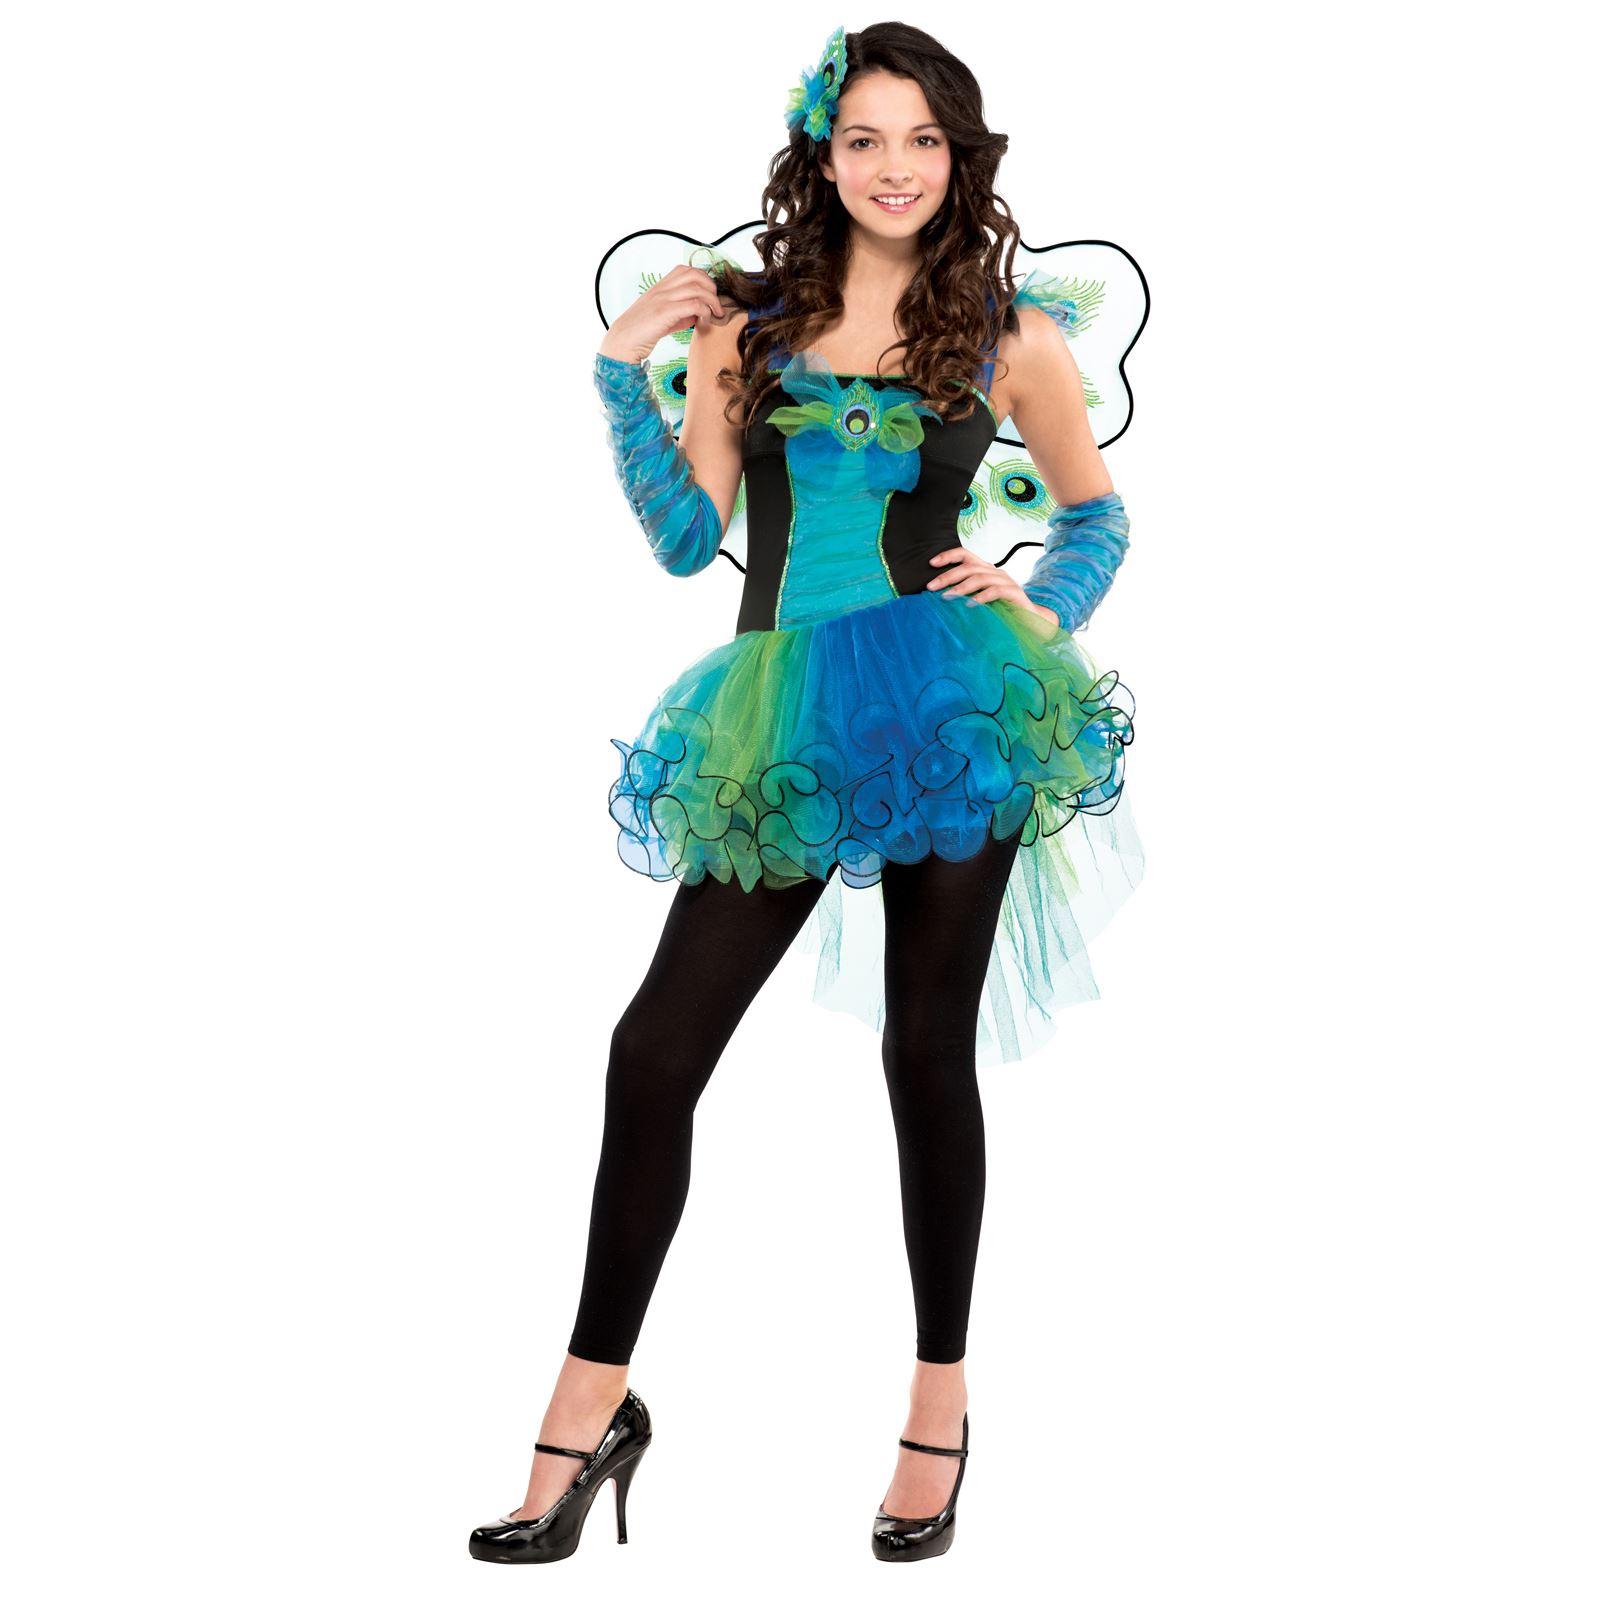 teen girls fairtyale carnival peacock dress costume monster ever